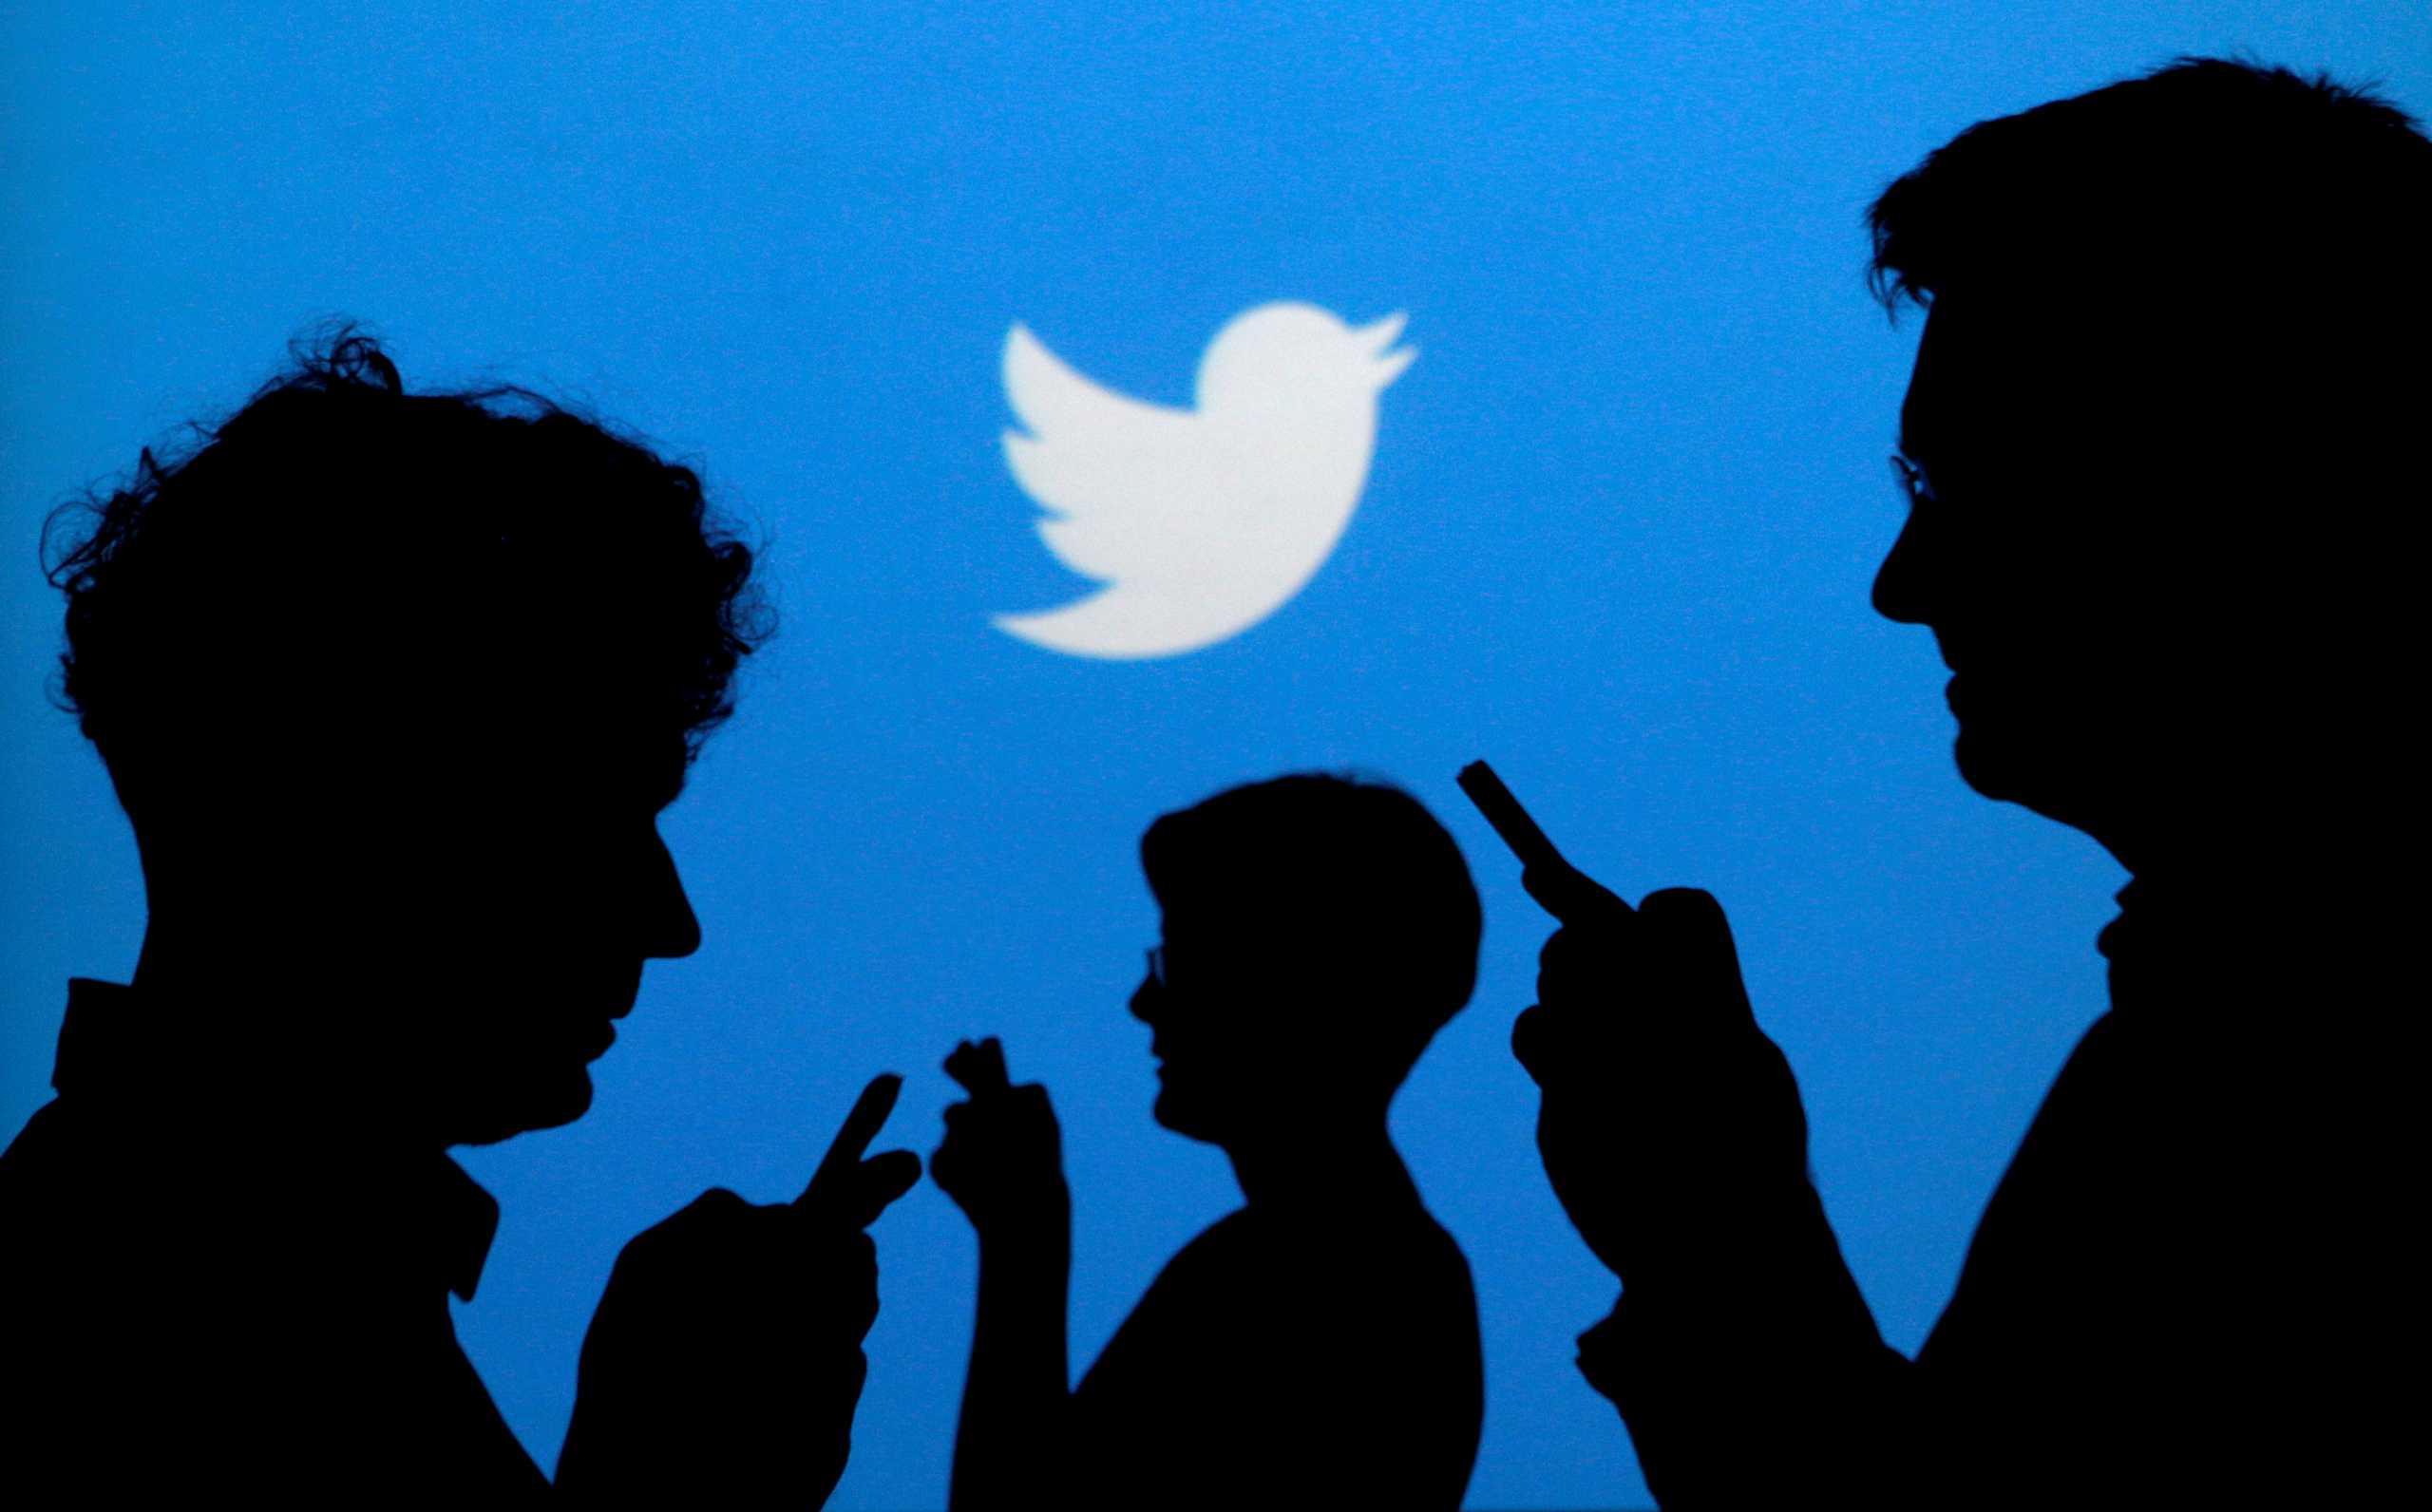 Ρωσία: Πρόστιμα σε Twitter, Facebook και WhatsApp